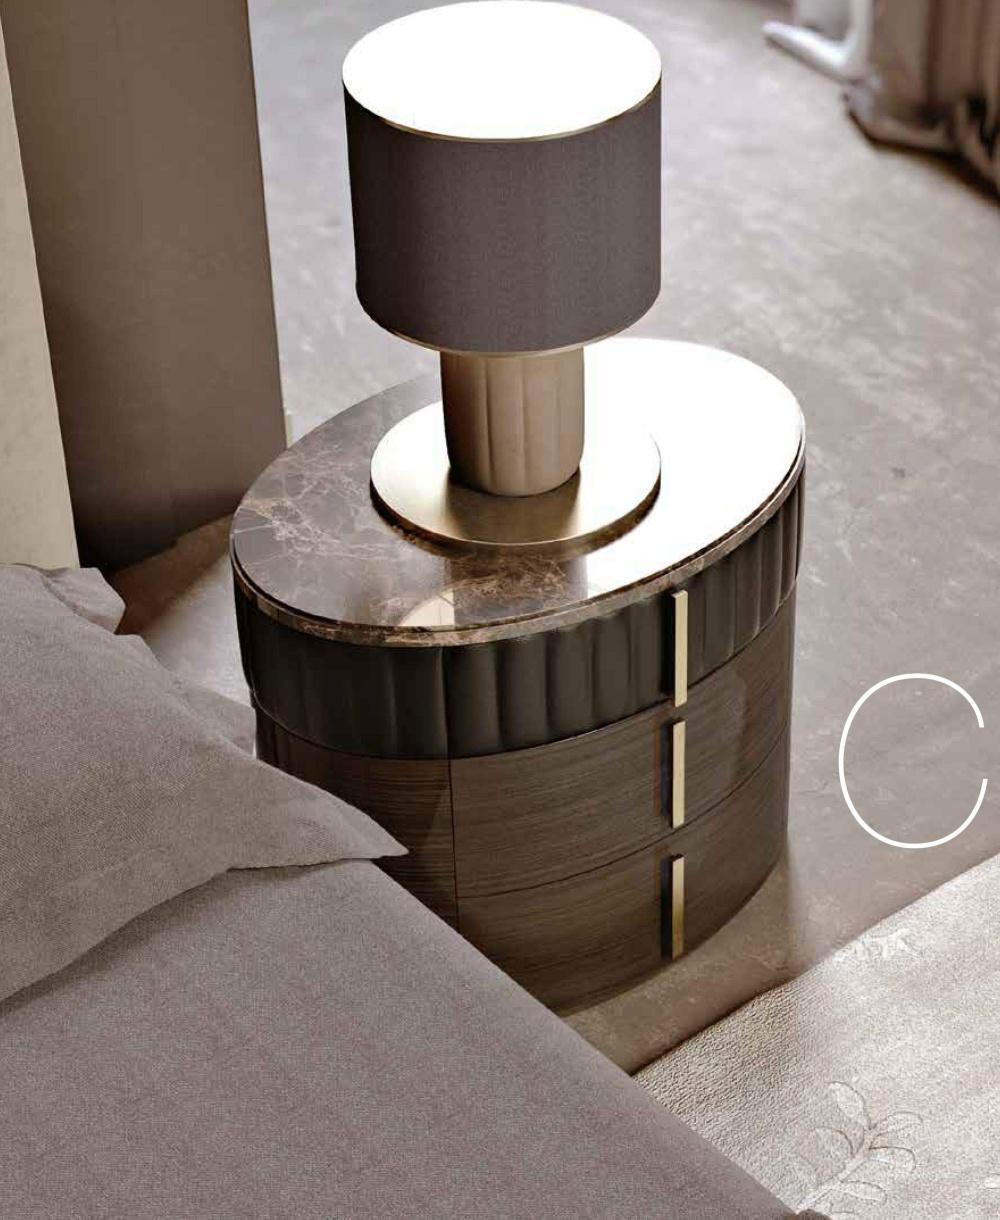 Прикроватная тумба со вставками кожи Signorini Coco Daytona Прикроватная тумба со вставками кожи Signorini Coco Daytona